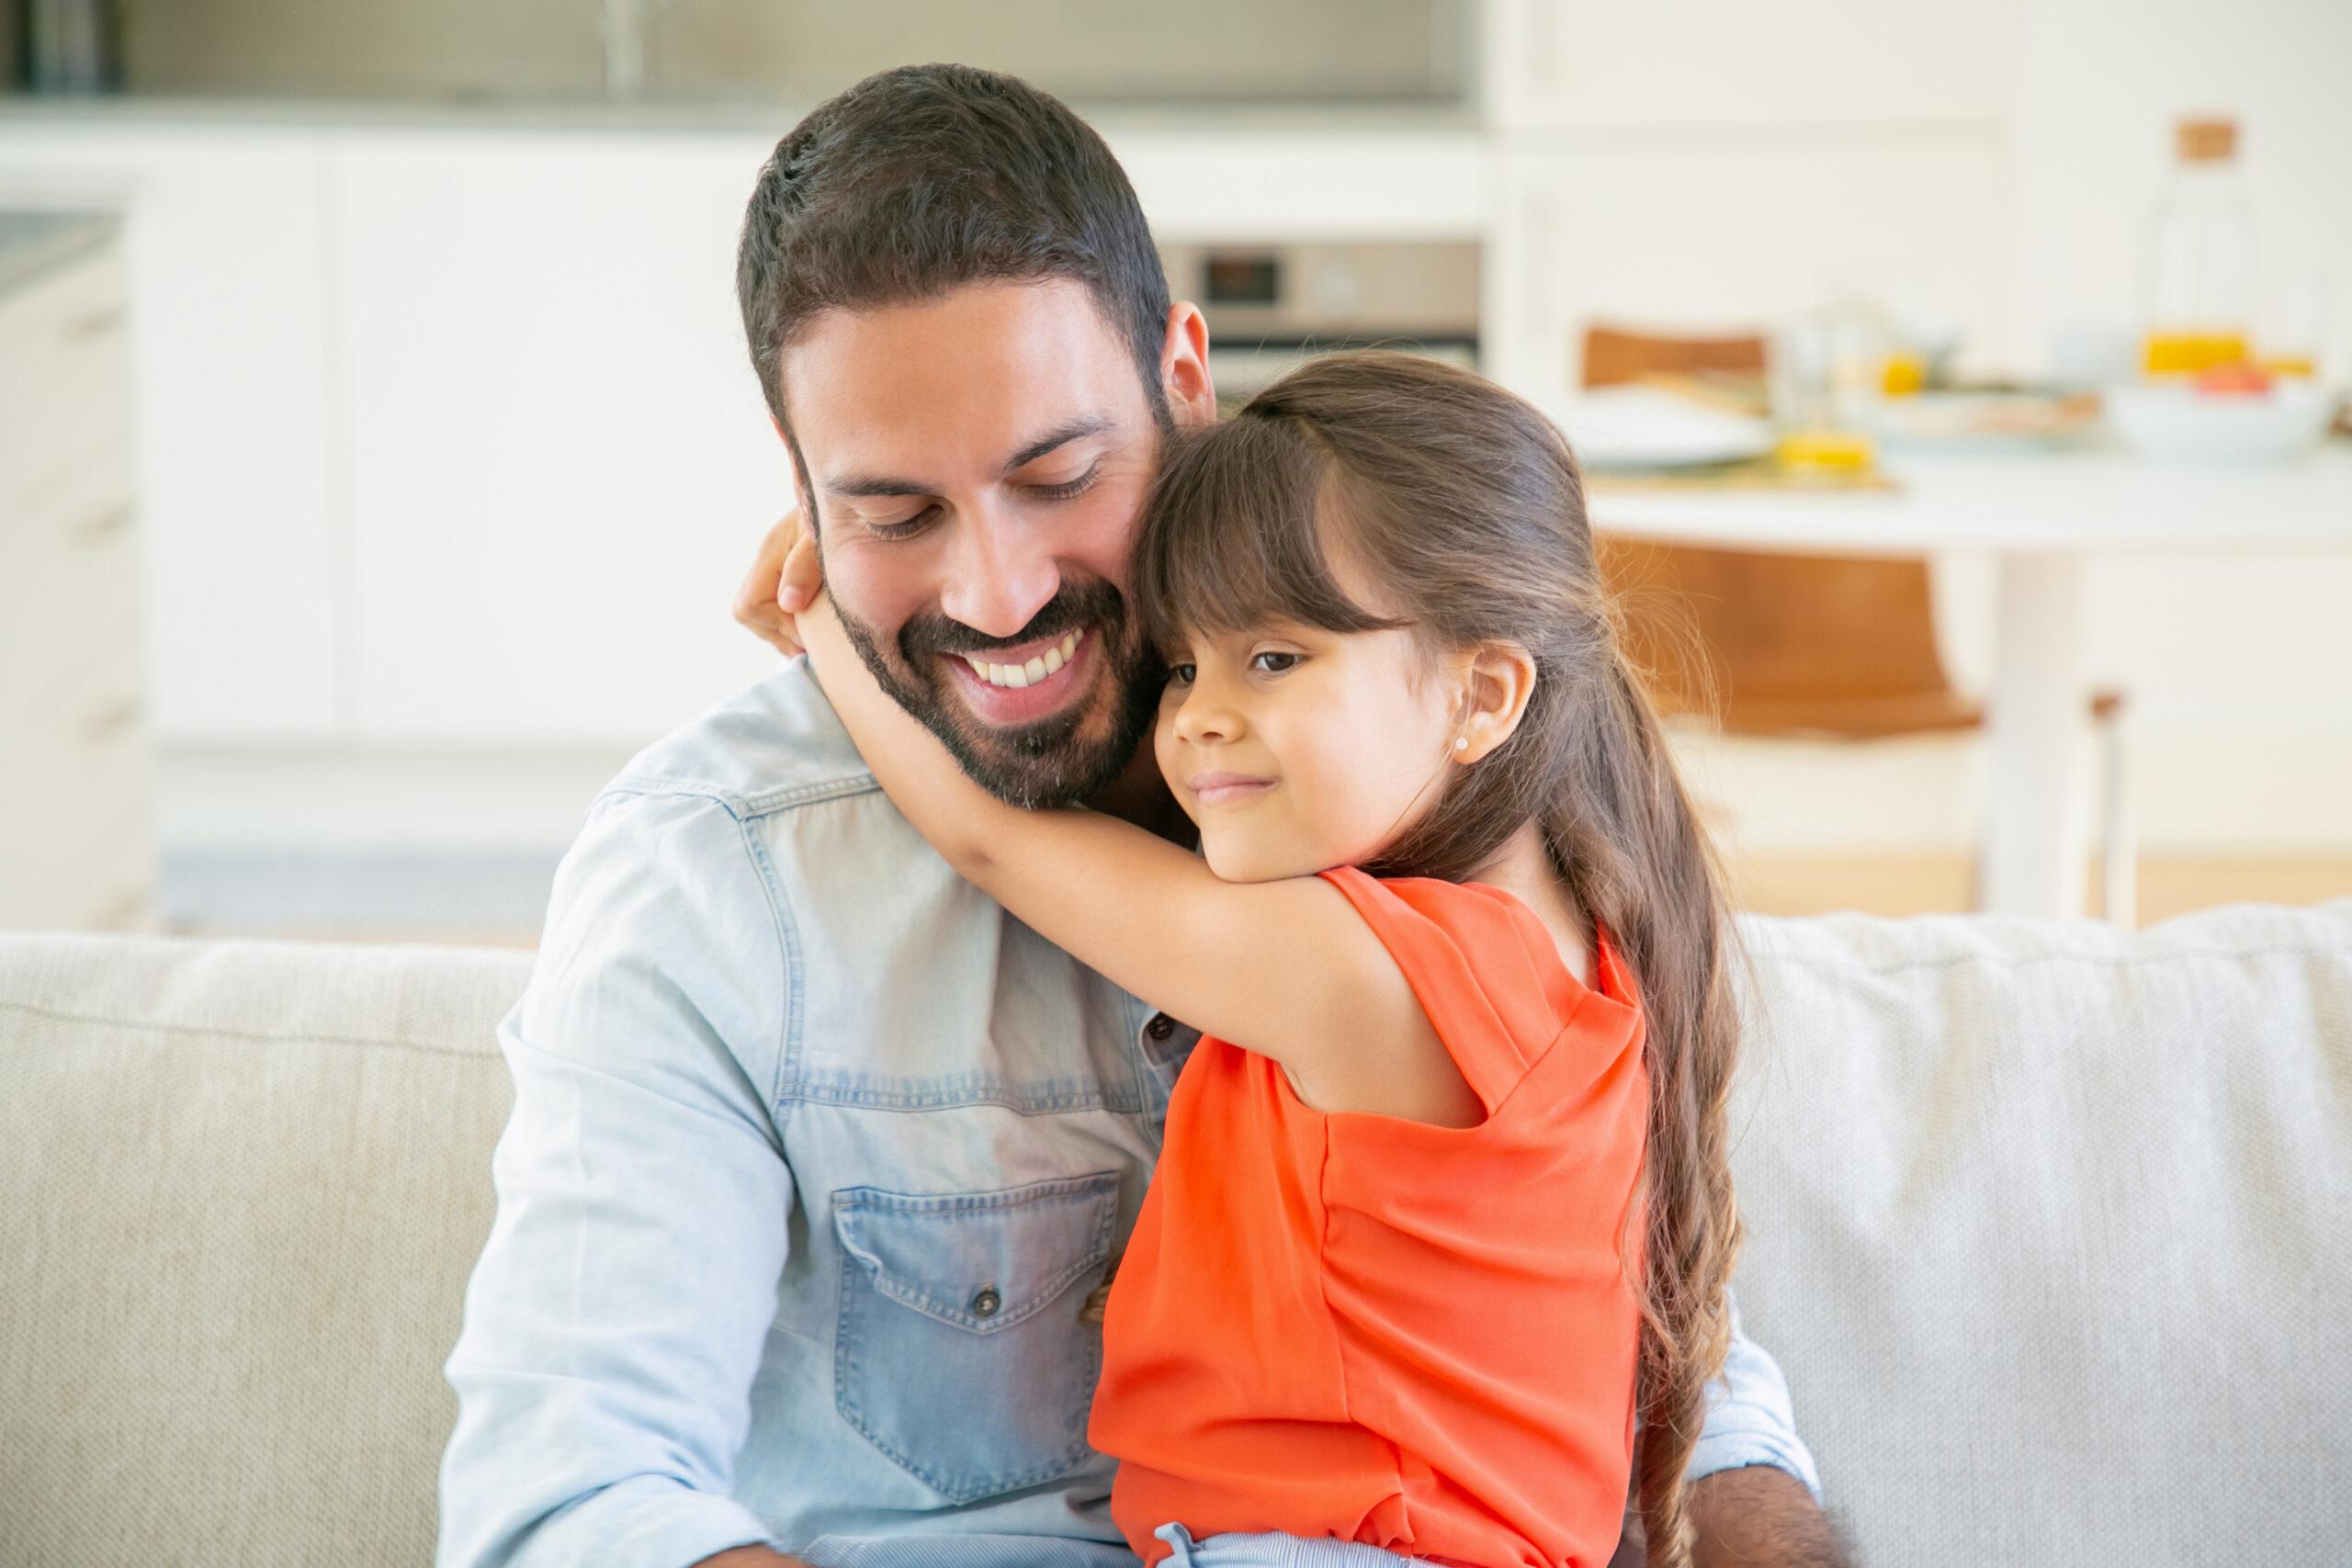 comment mieux communiquer avec son enfant